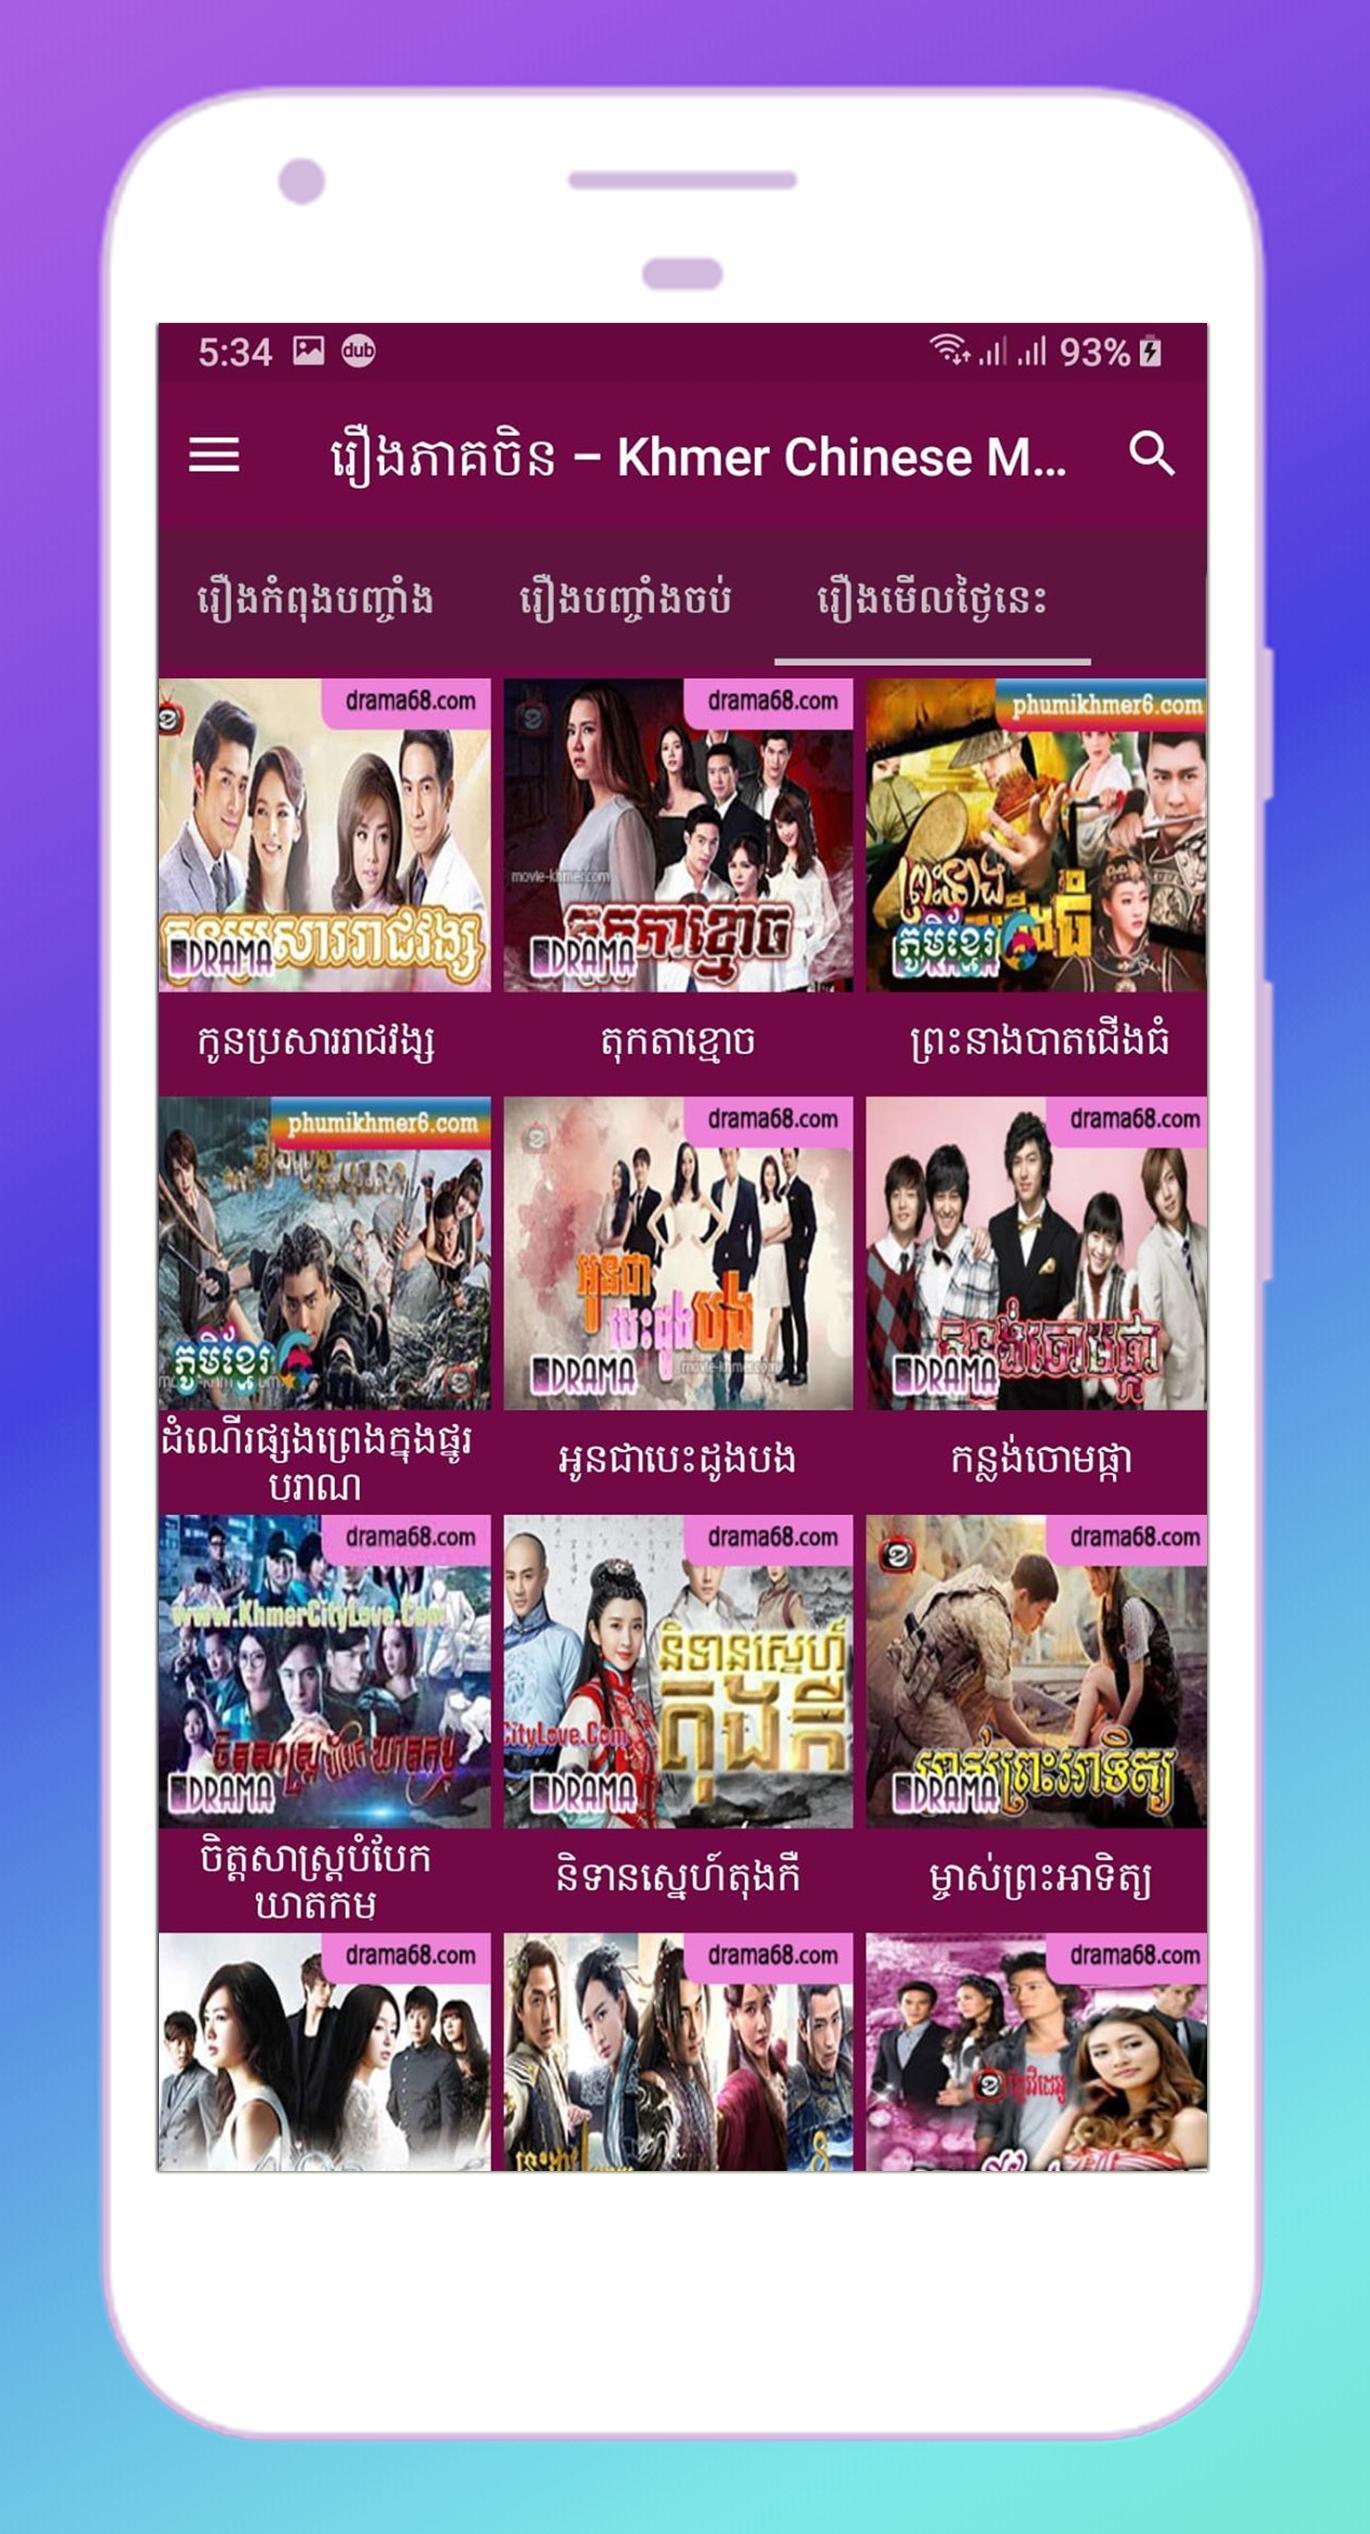 រឿងភាគចិន - Khmer Chinese Movie and Drama for